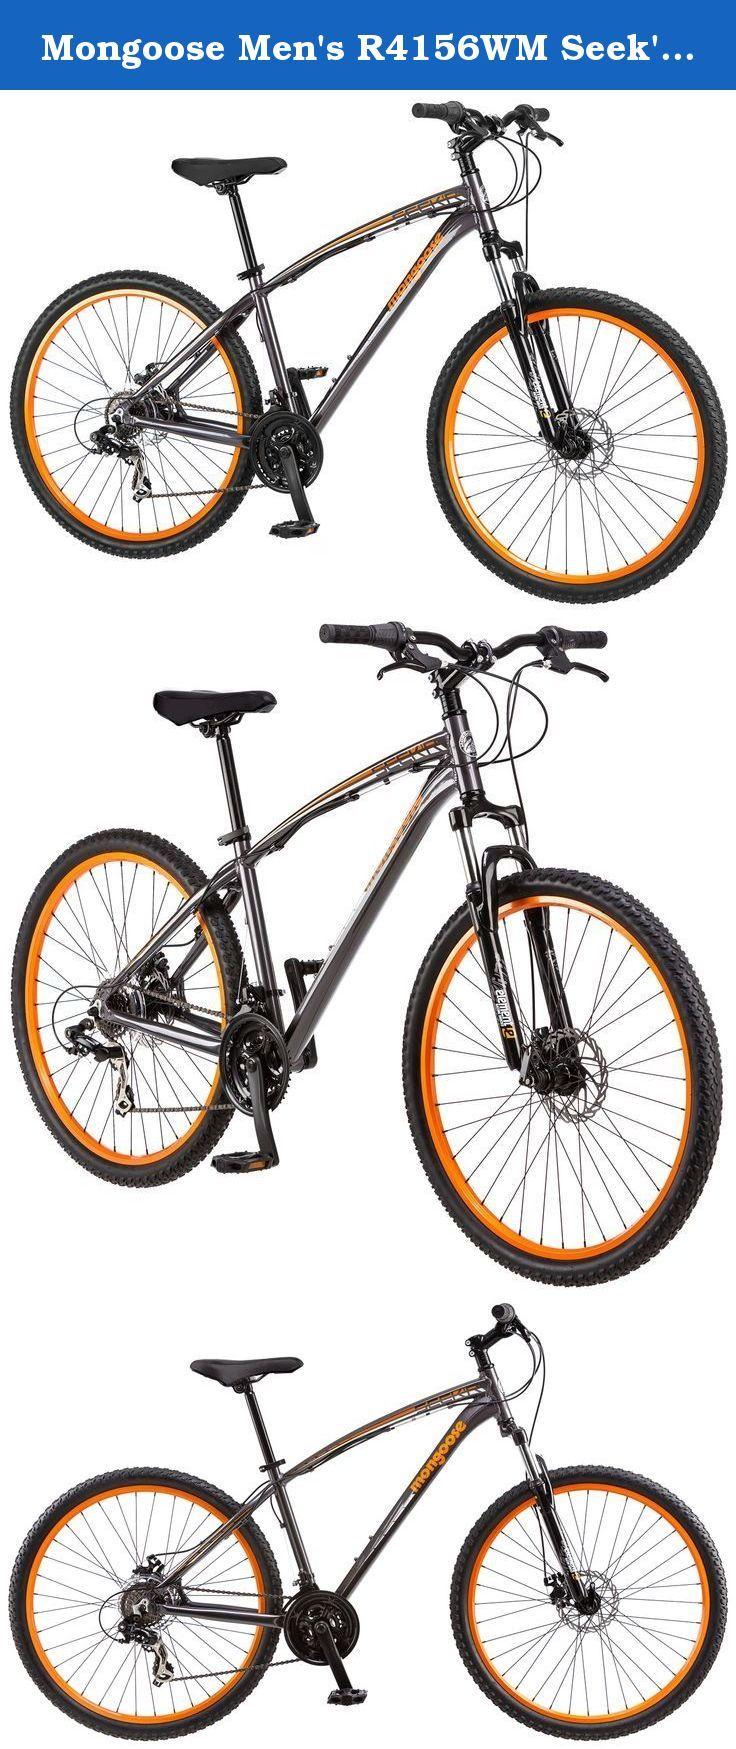 dcf0730473f Mongoose Men's R4156WM Seek'r Mountain Bike , 18